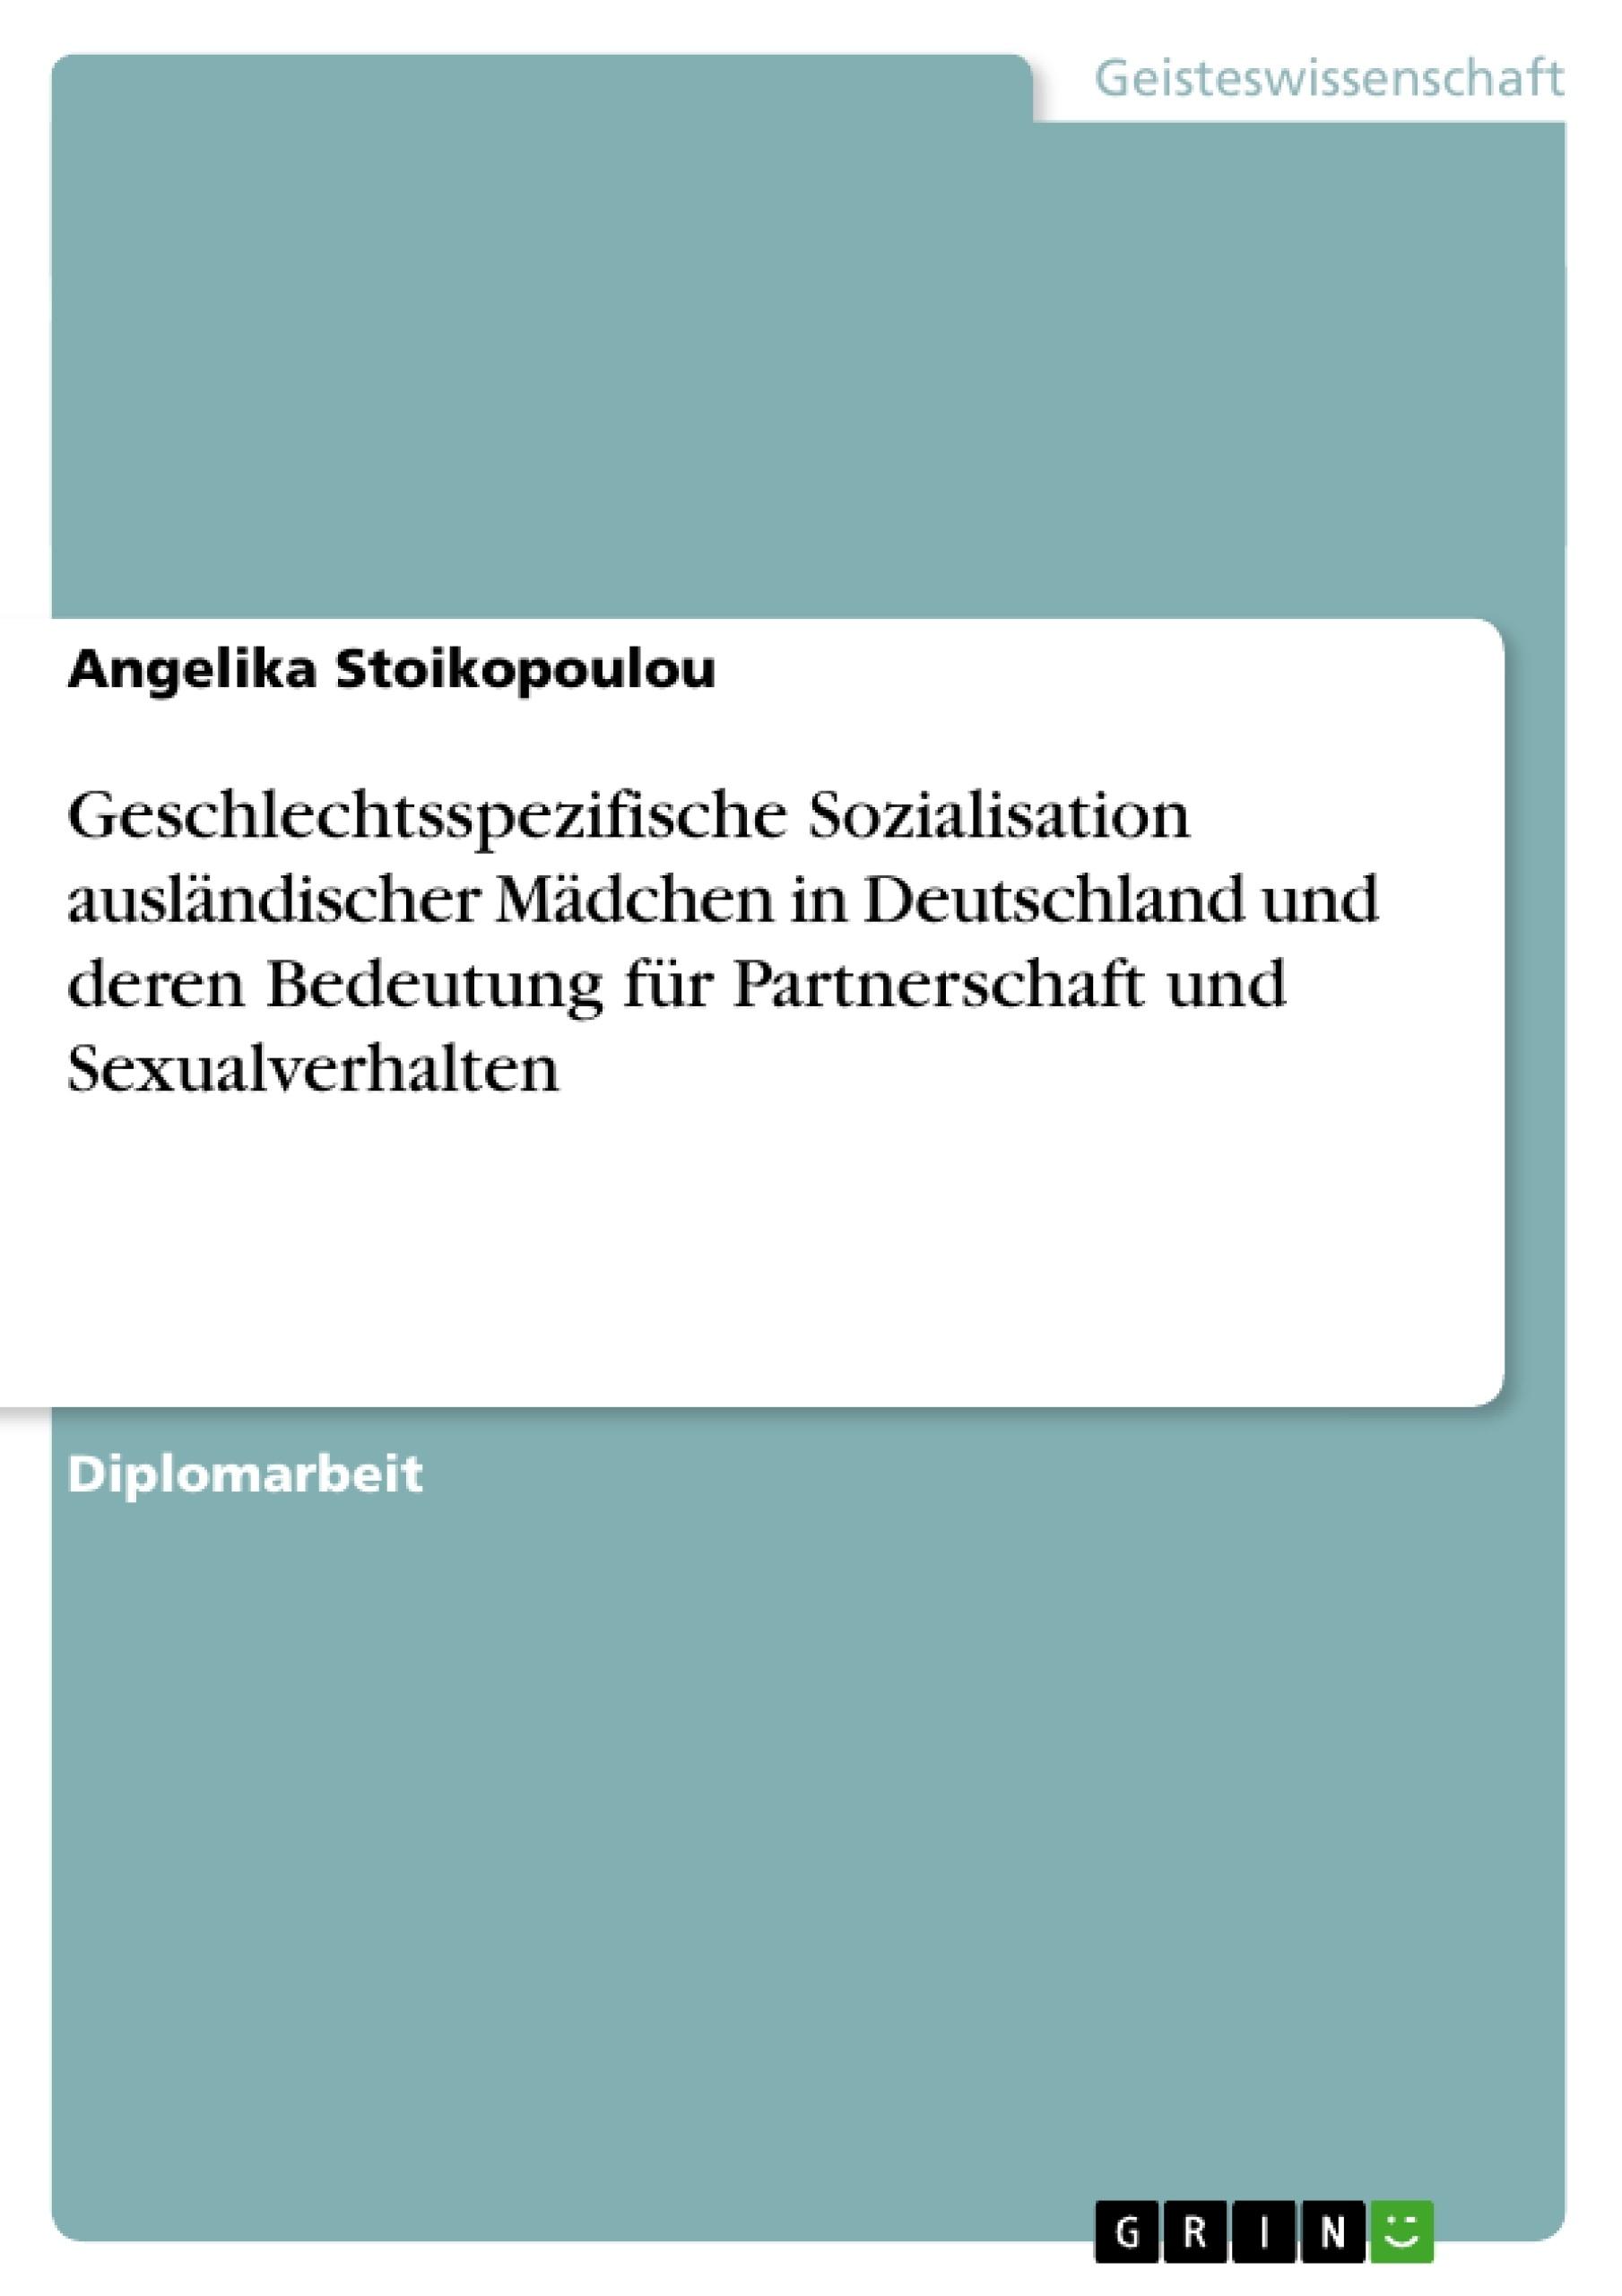 Titel: Geschlechtsspezifische Sozialisation ausländischer Mädchen in Deutschland und deren Bedeutung für Partnerschaft und Sexualverhalten